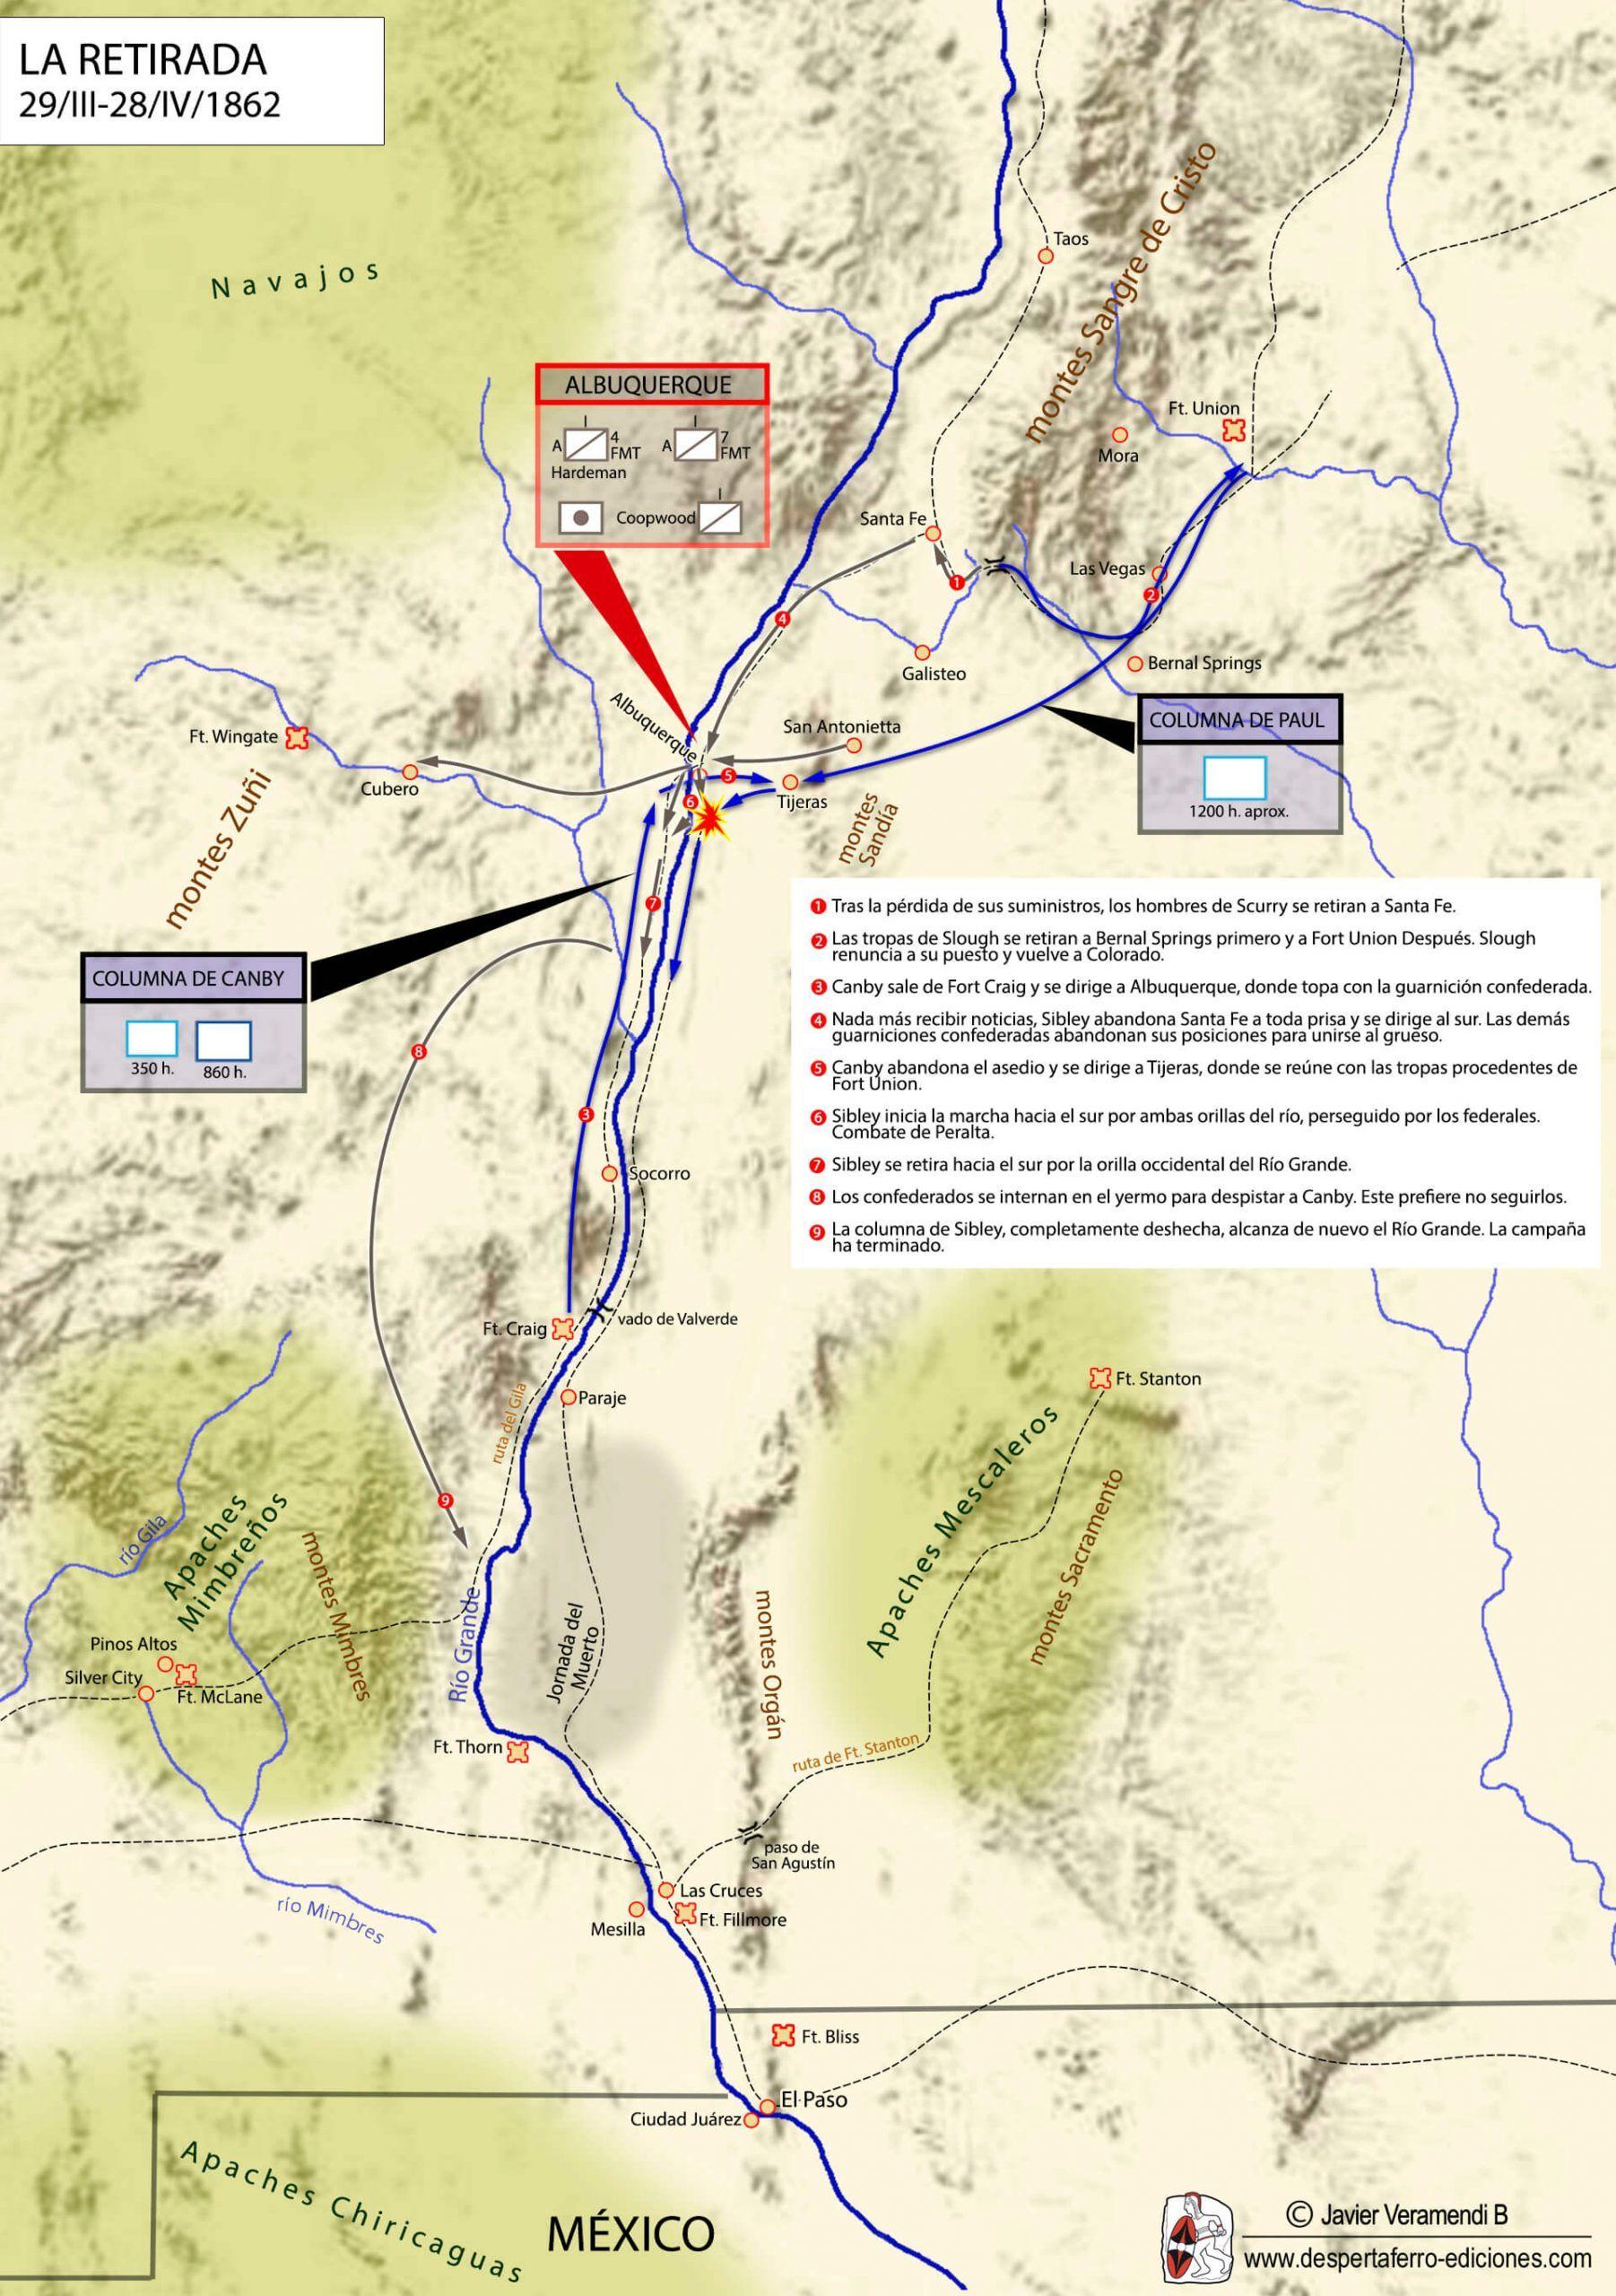 Imperio confederado en el río grande campaña de Pigeon's Farm Texas Nuevo México